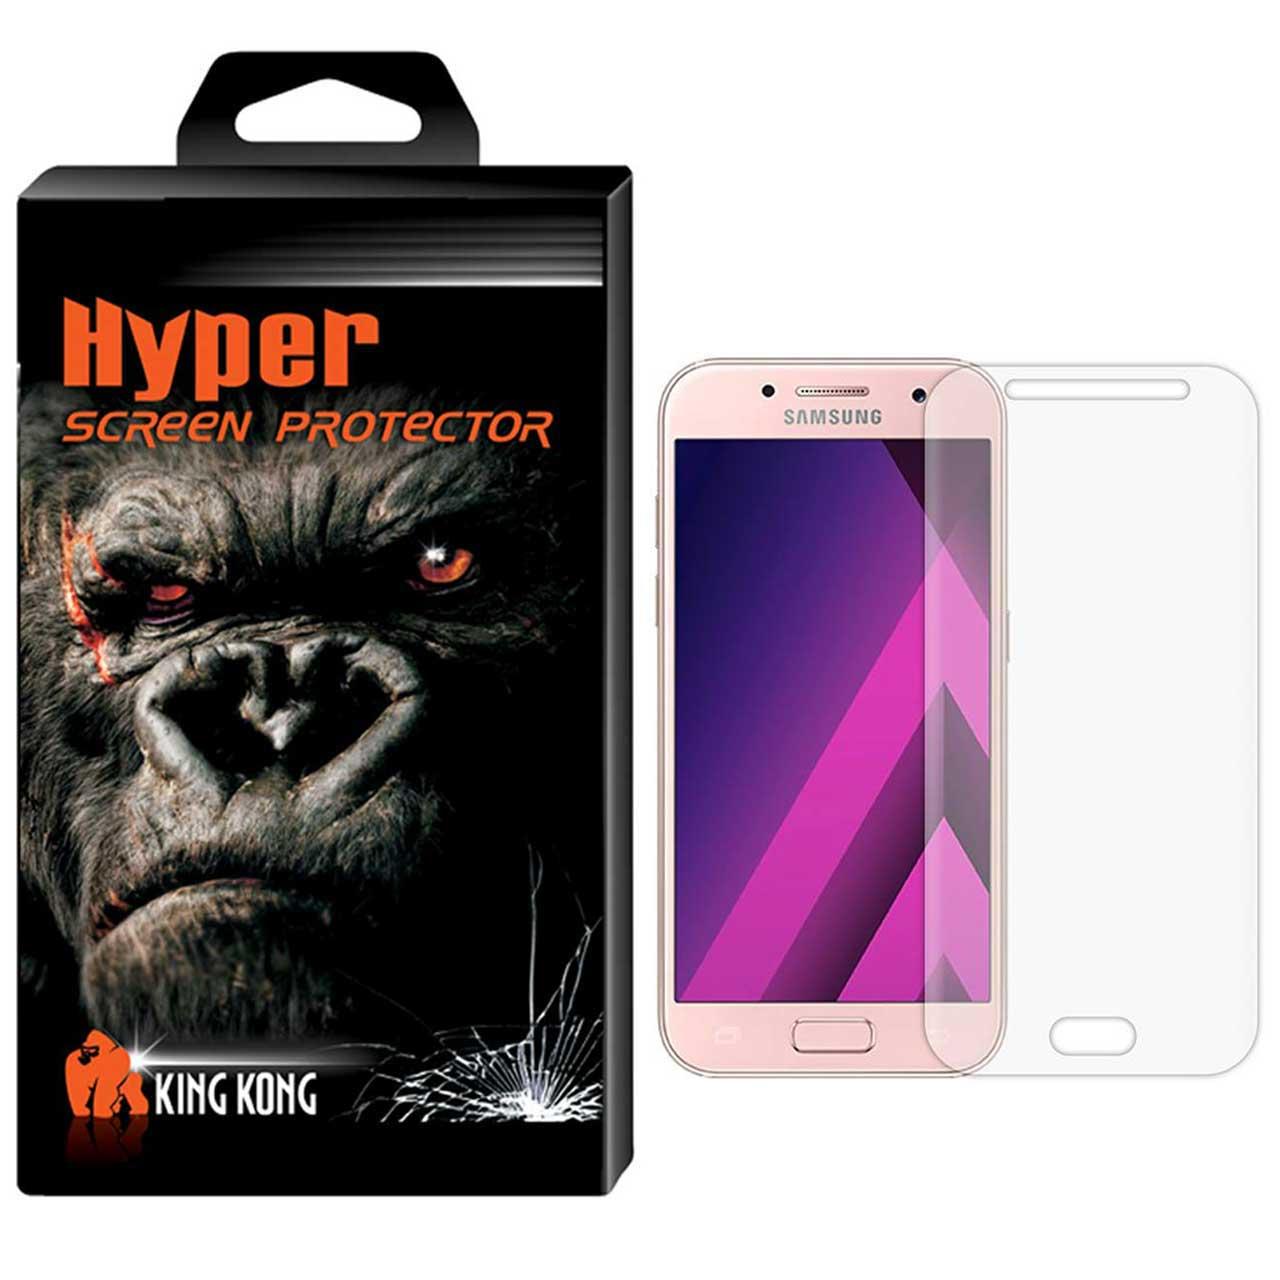 محافظ صفحه نمایش نانو فلکسبل کینگ کونگ مدل Hyper Fullcover مناسب برای گوشی سامسونگ گلکسی A5 2017/ A520